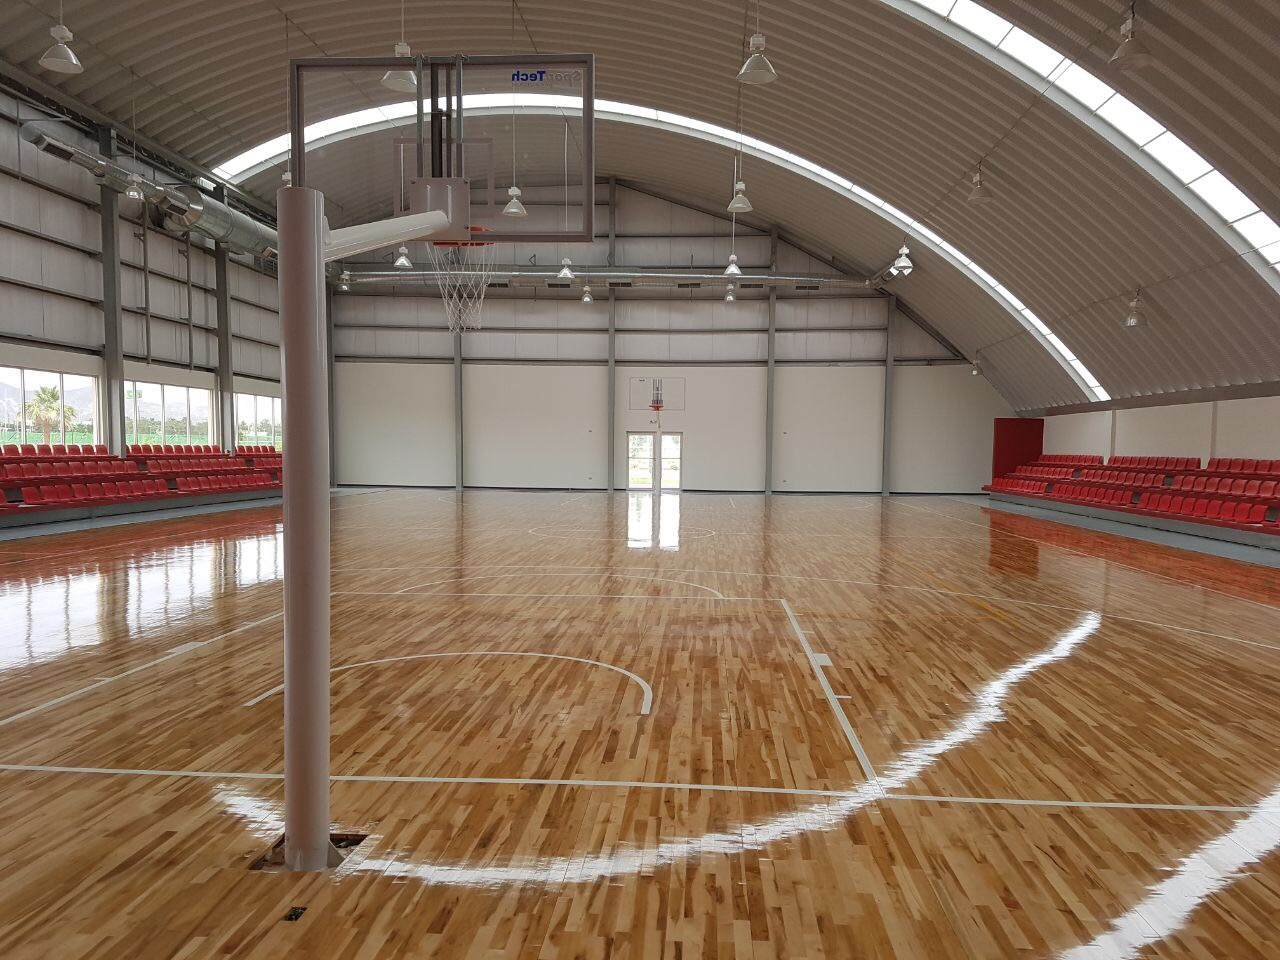 Epark infraestructura deportiva y recreartiva for Gimnasio zig zag